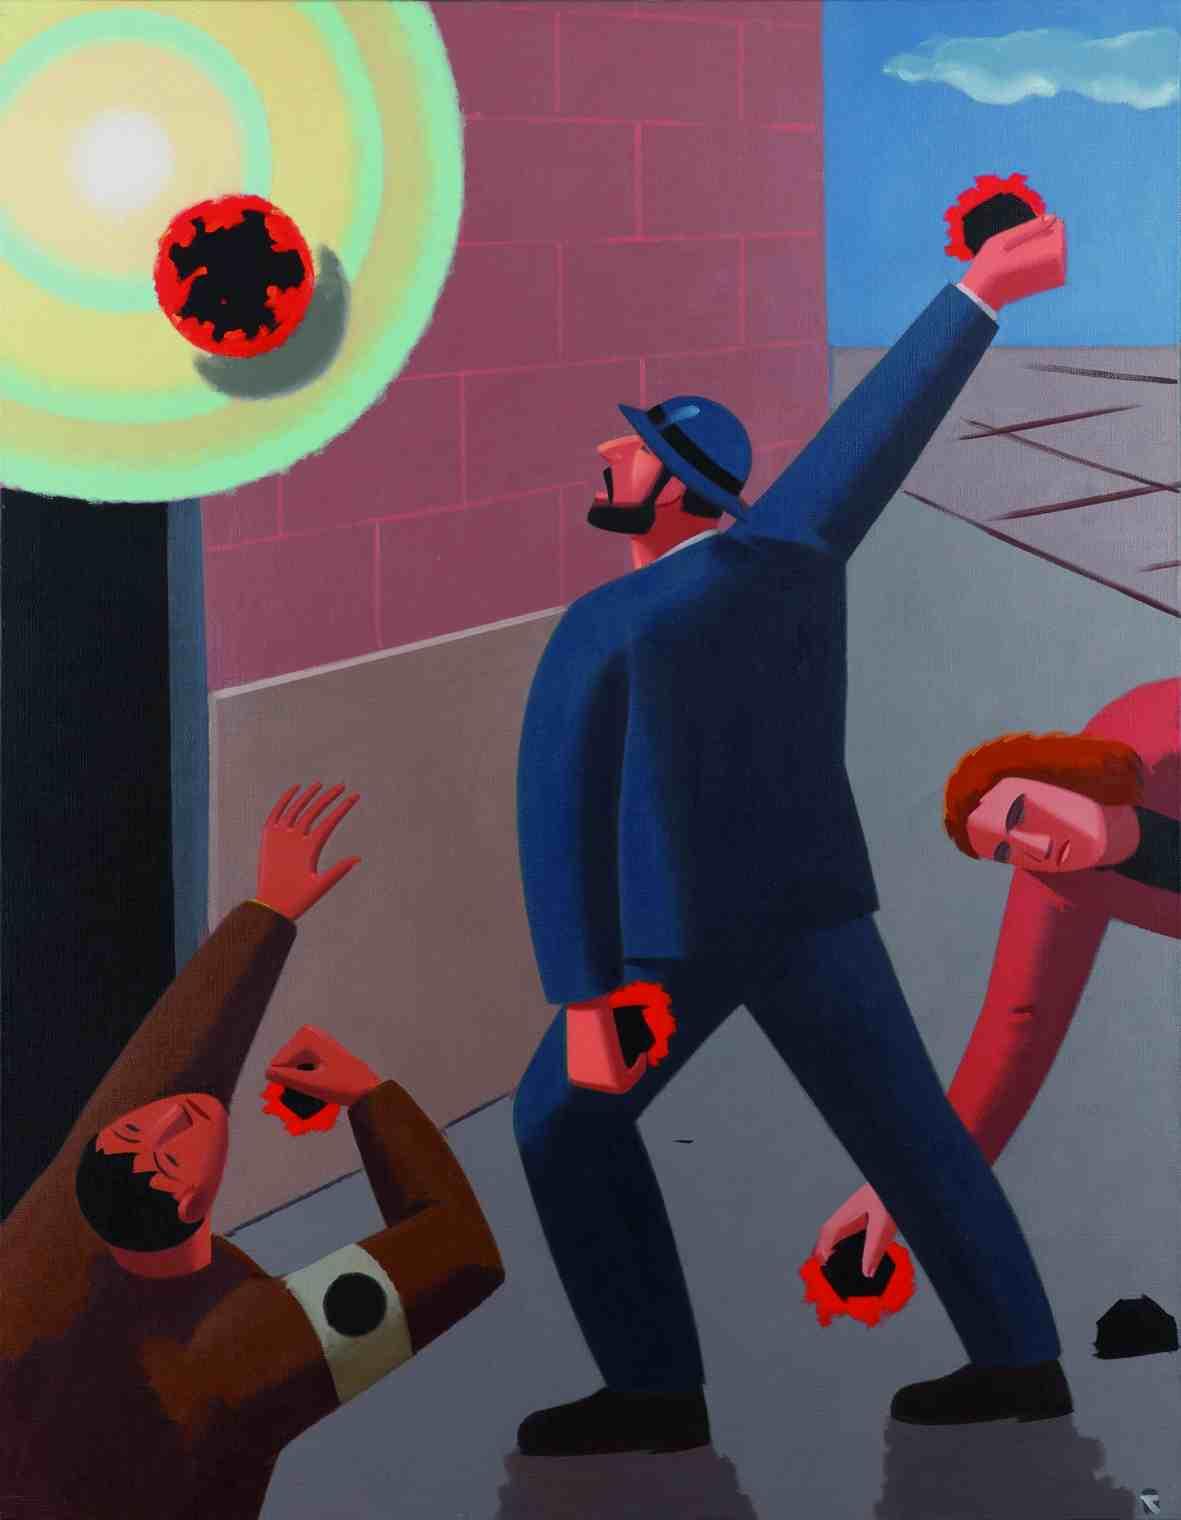 Pintura de El Roto en la exposición de La Nau. Imagen cortesía del Centre Cultural La Nau.